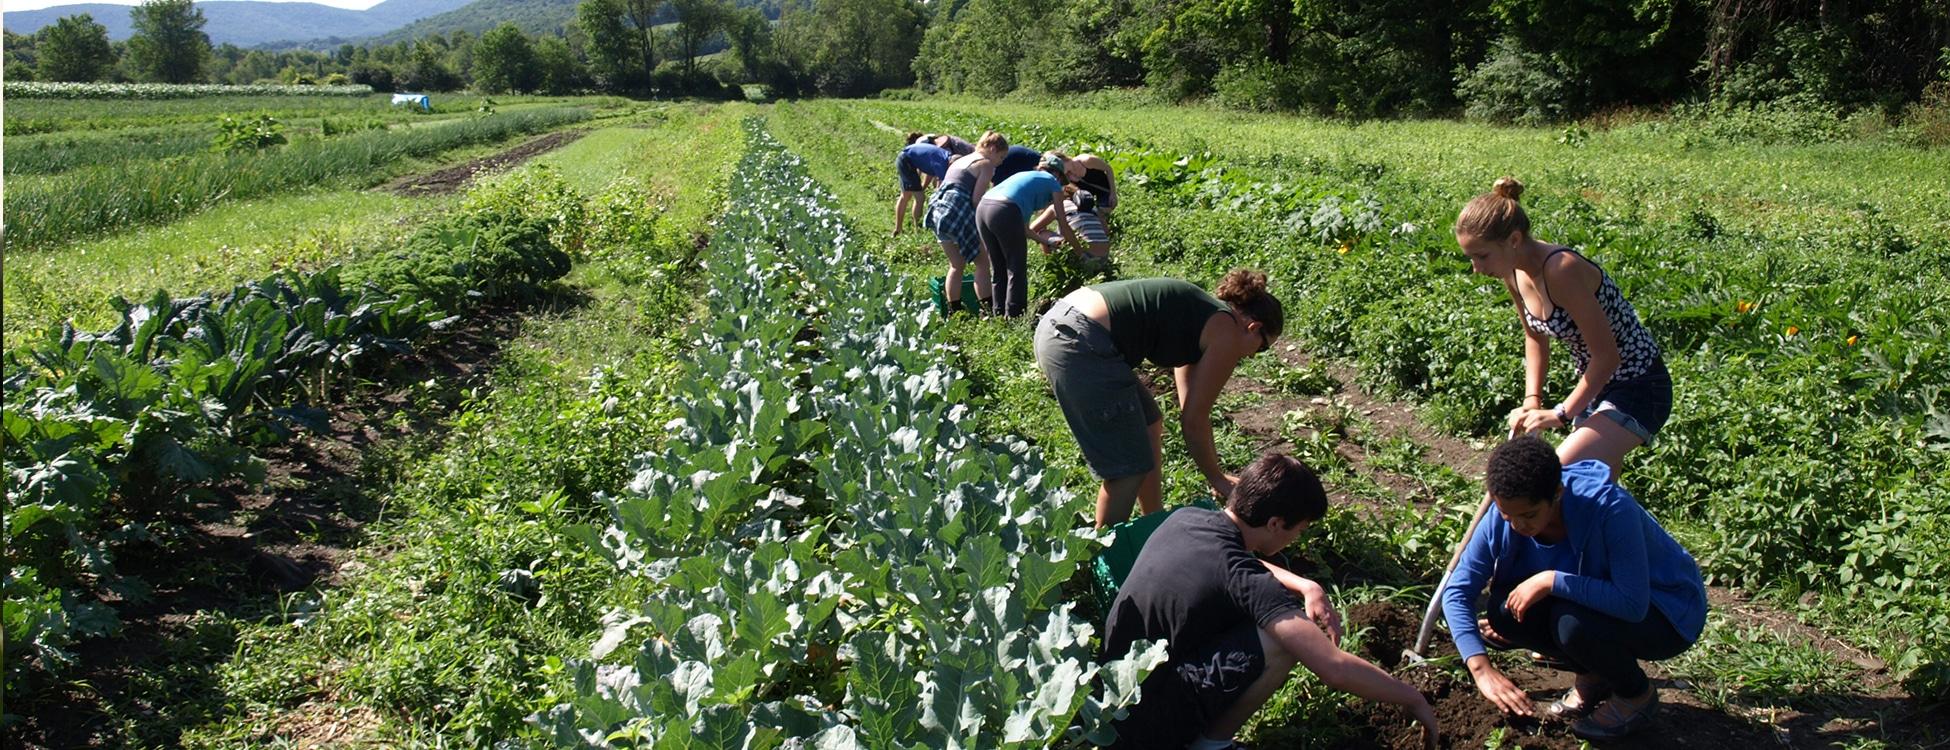 Students working in a garden, Randolph Center Campus